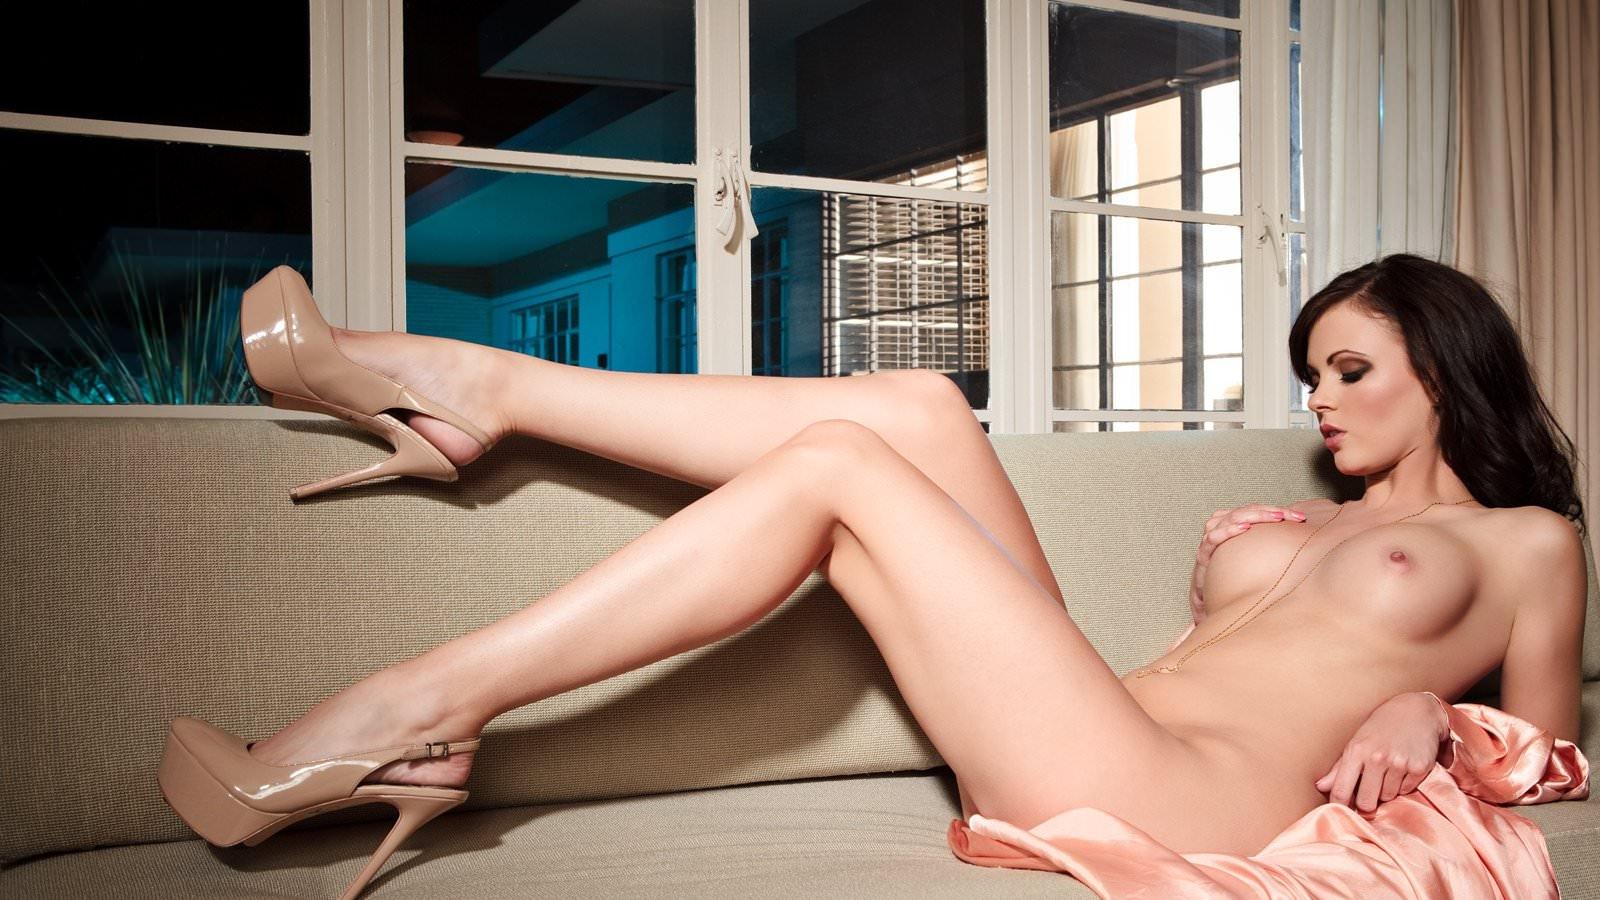 Фото Длинноногая соблазнительная девушка ласкает грудь, упругие сиськи, длинные красивые ножки, бежевые туфли, диван. Long sexy legs, high heels, naked brunette, pink silk dressing gown, cool tits, sofa, sexy body, скачать картинку бесплатно